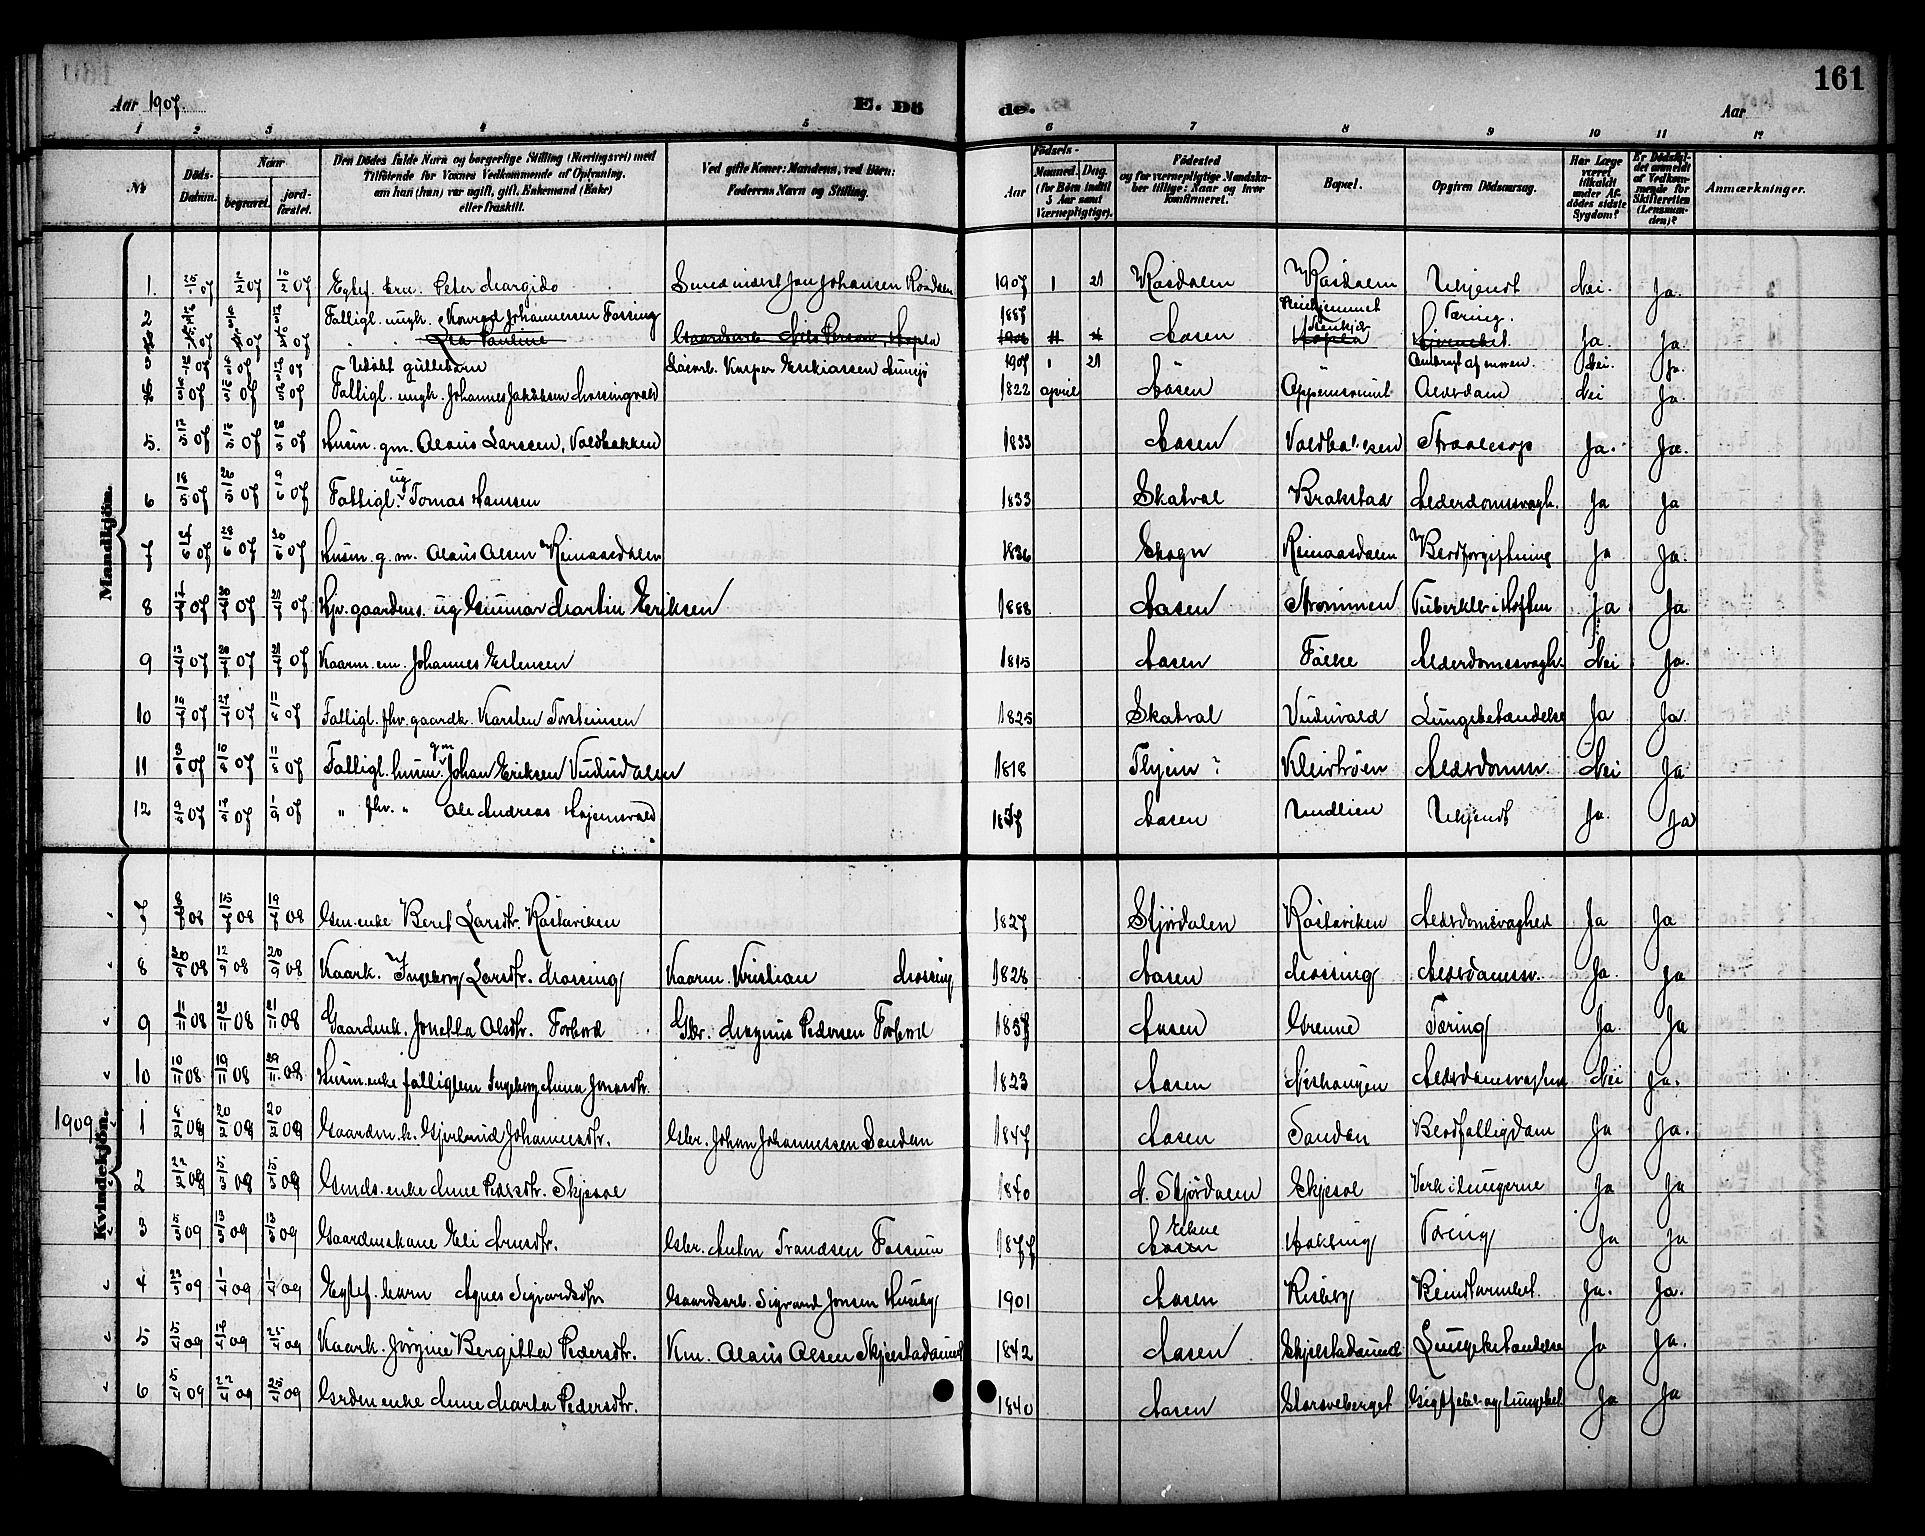 SAT, Ministerialprotokoller, klokkerbøker og fødselsregistre - Nord-Trøndelag, 714/L0135: Klokkerbok nr. 714C04, 1899-1918, s. 161